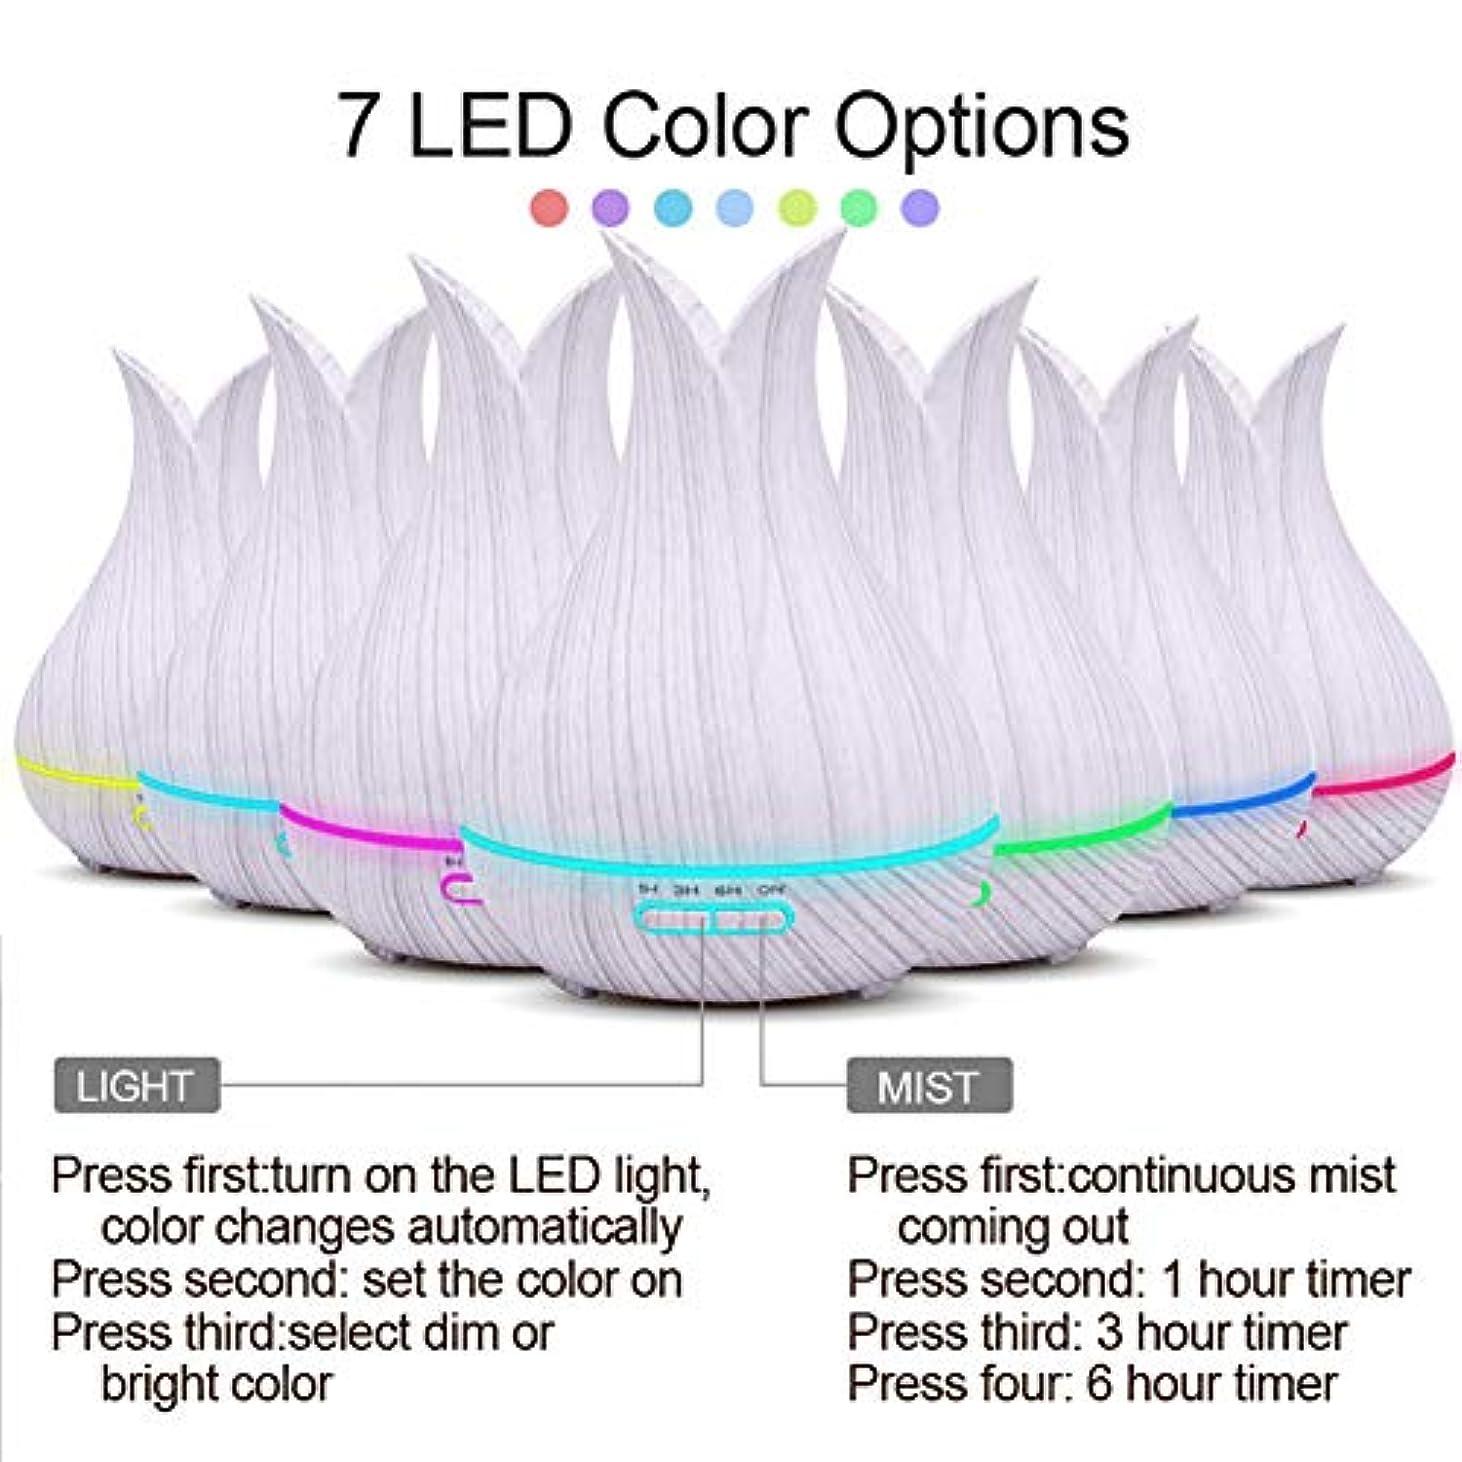 キャプテンブライ専門化するセミナーエッセンシャルオイルディフューザーと加湿器、ミストエッセンシャルオイルアロマ加湿器のための超音波アロマセラピーディフューザー、400ミリリットル水タンク7色LEDライト,White